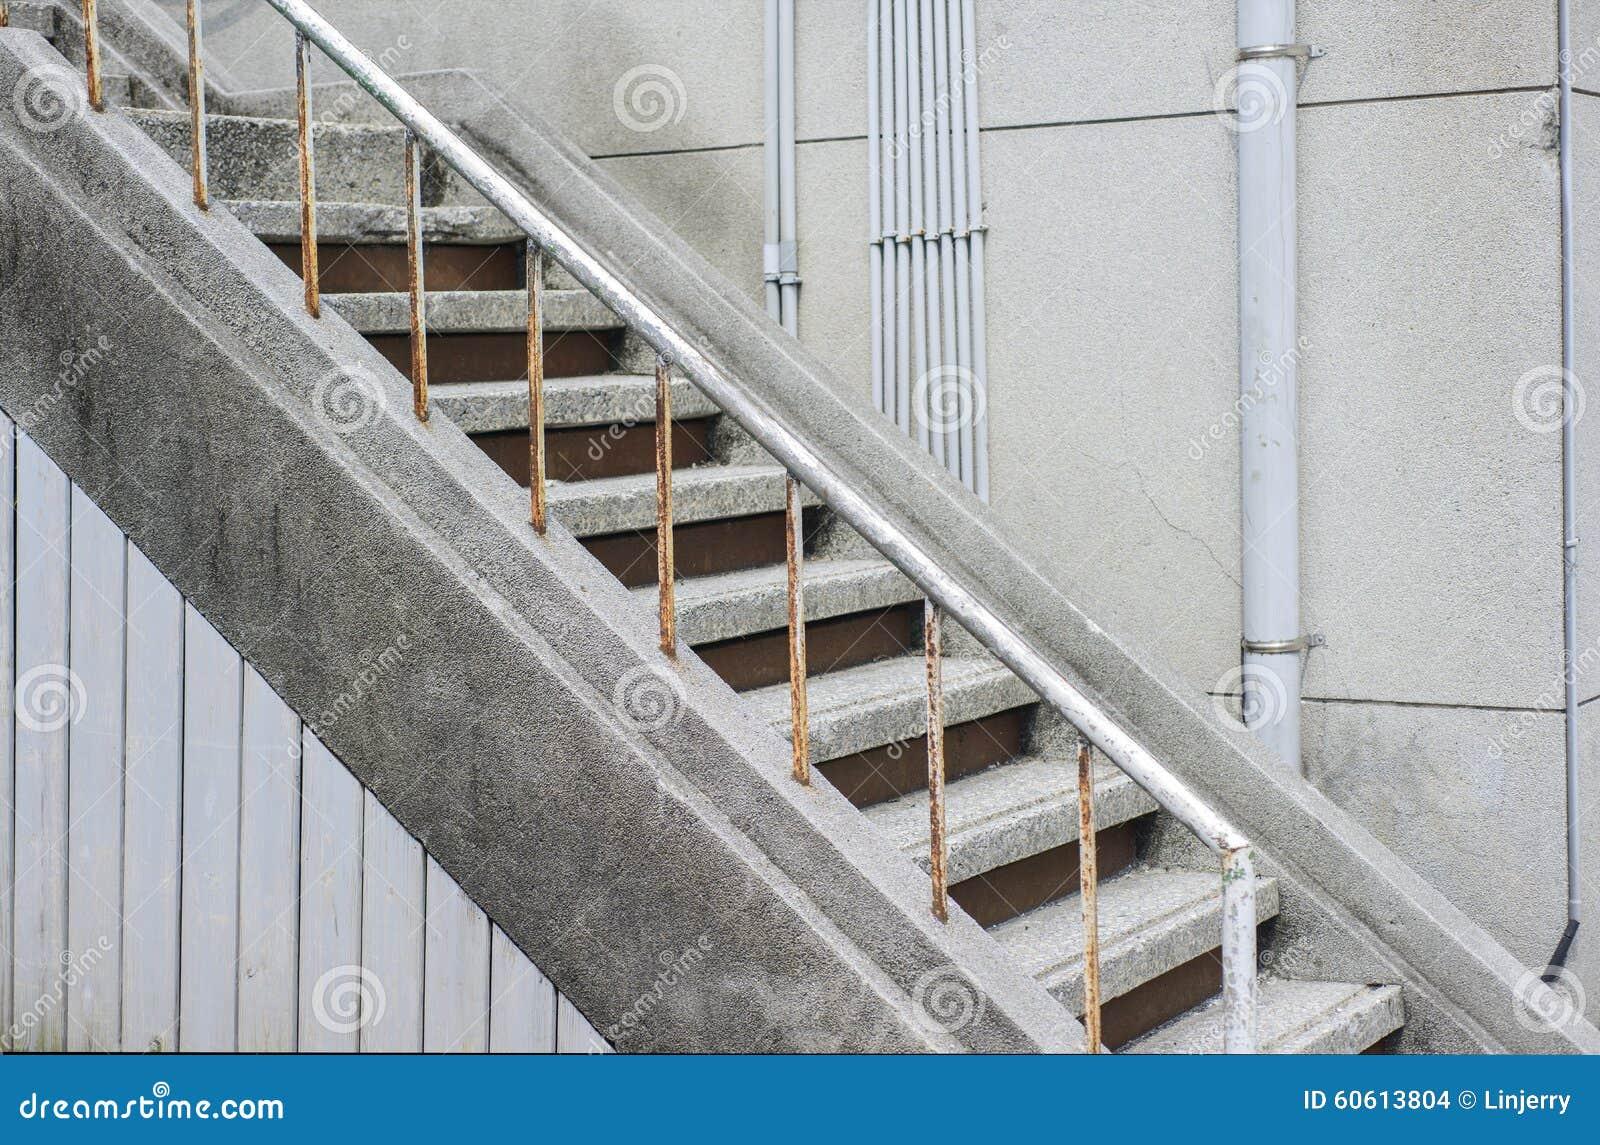 Escalera en un edificio moderno